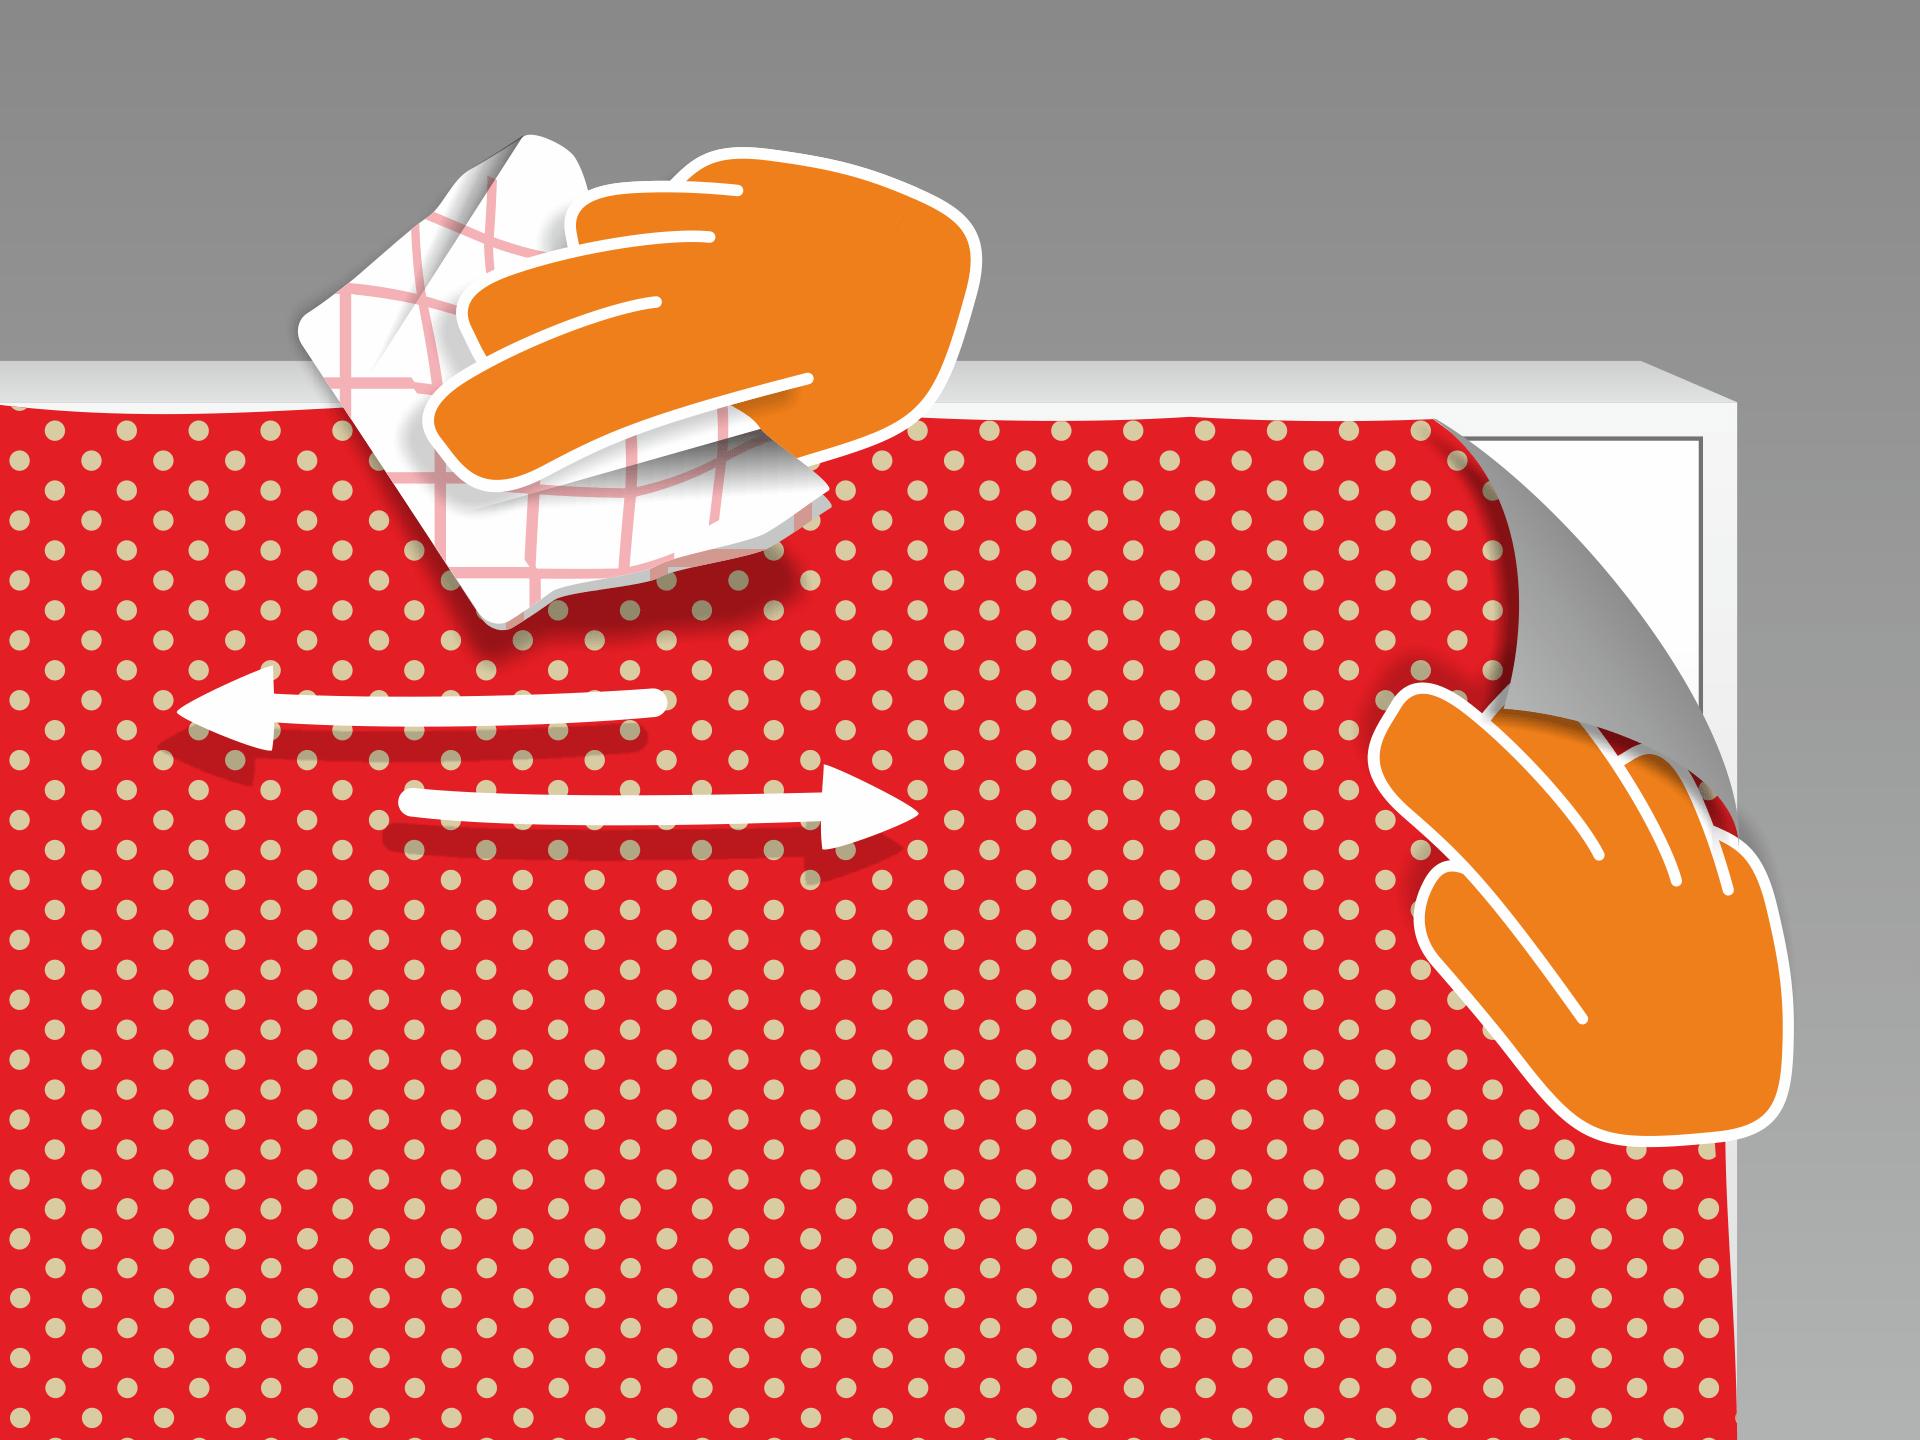 """Jetzt die Folie aufbringen. Die Folie """"schwimmt"""" vorerst auf der Oberfläche und kann positioniert werden. Danach den Rakel mit einem Tuch bespannen (vermeidet Kratzer) und das Wasser von der Mitte zum Rand hin ausstreichen. Zunächst mit mäßigem Druck, danach mit festerem Druck wiederholen."""